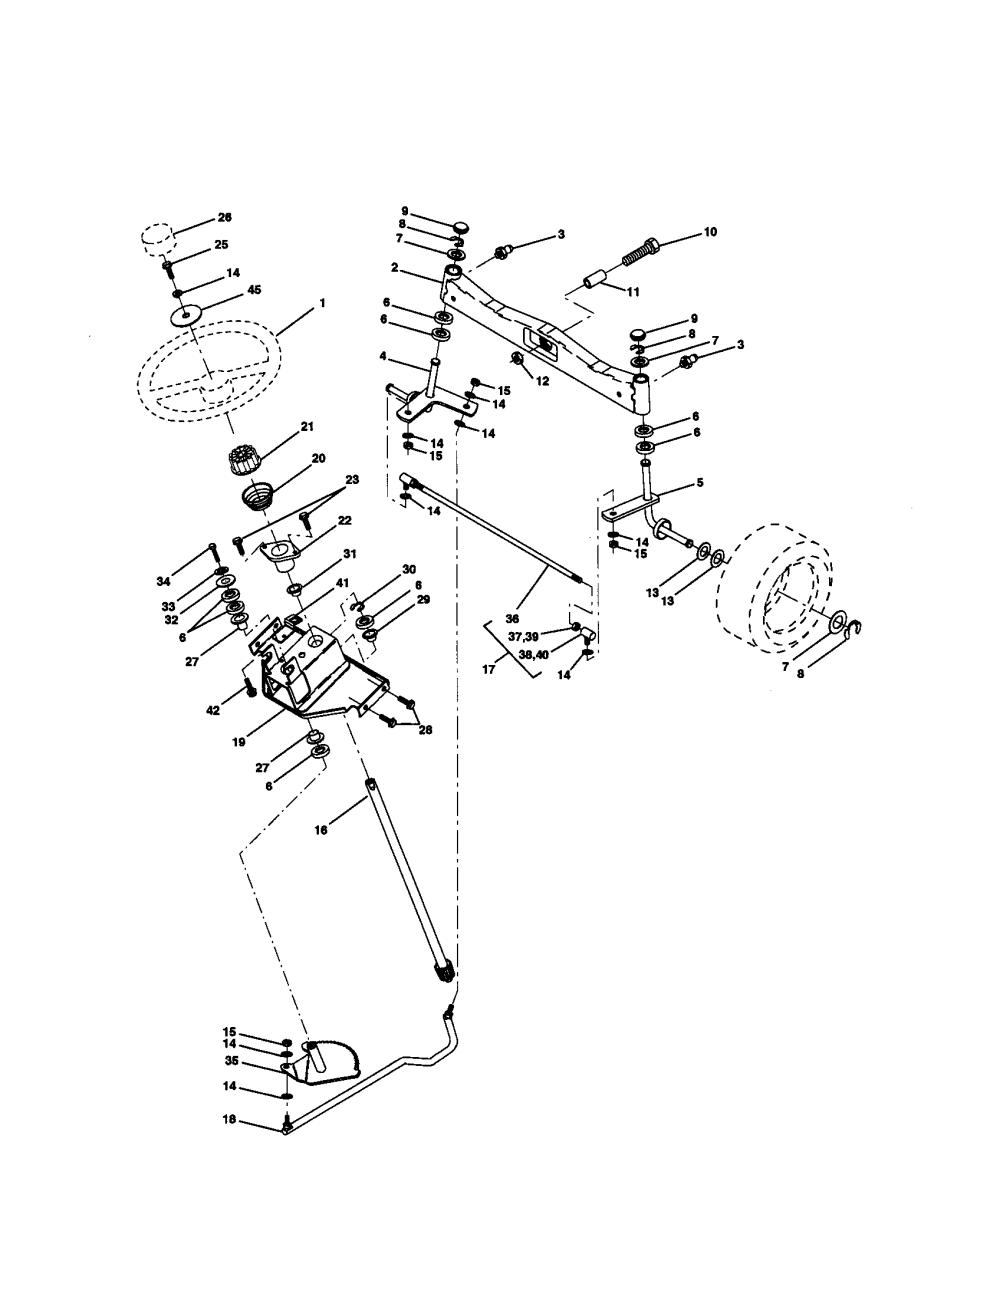 medium resolution of craftsman 917272950 steering assembly diagram